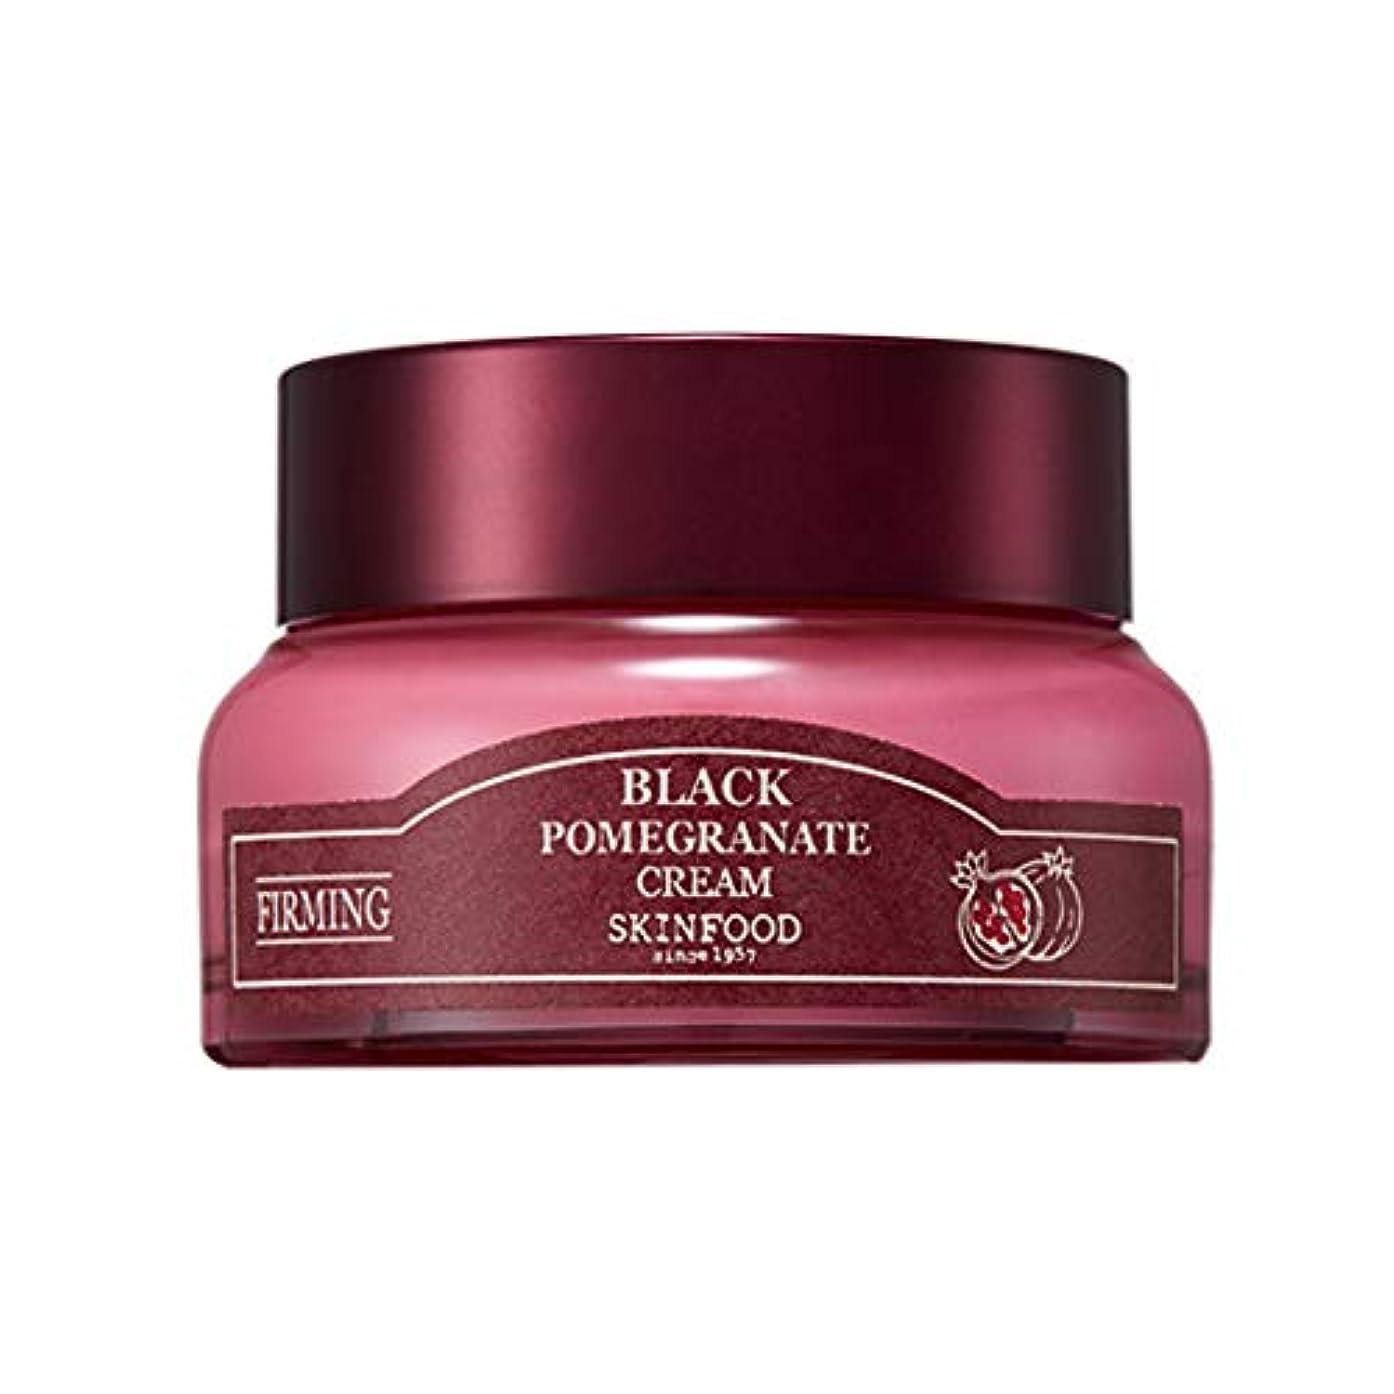 壊す料理お手入れ[リニューアル] スキンフード 黒ザクロ クリーム 54ml / SKINFOOD Black Pomegranate Cream 54ml [並行輸入品]